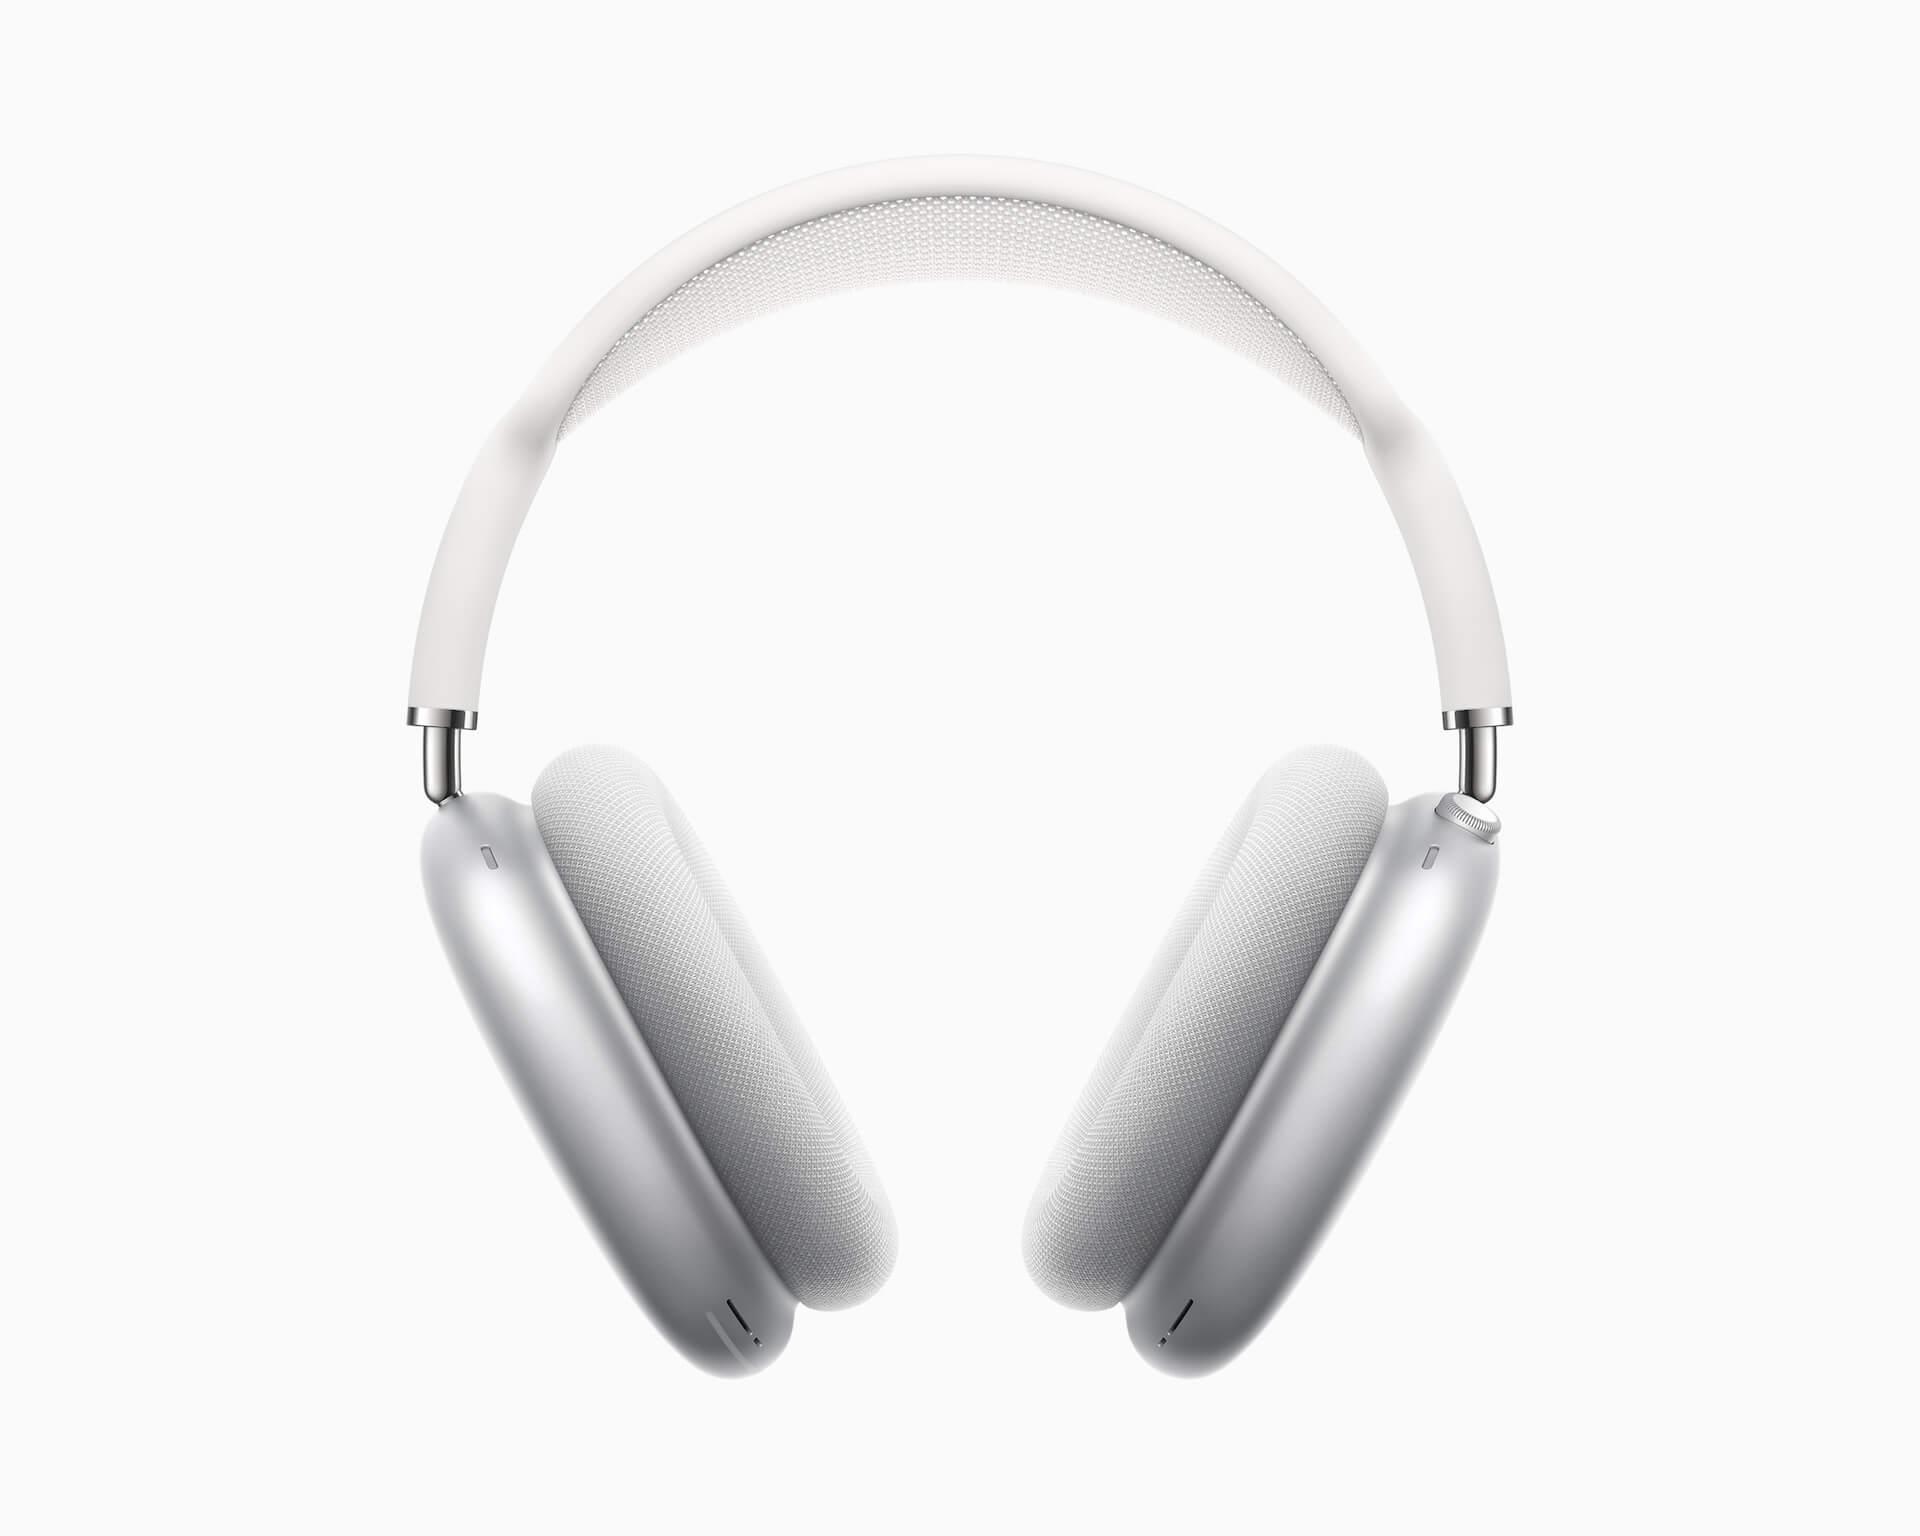 速報!Apple初のオーバーイヤーヘッドホンAirPods Maxが新登場!アメリカで12月15日発売へ tech201208_airpodsmax_main